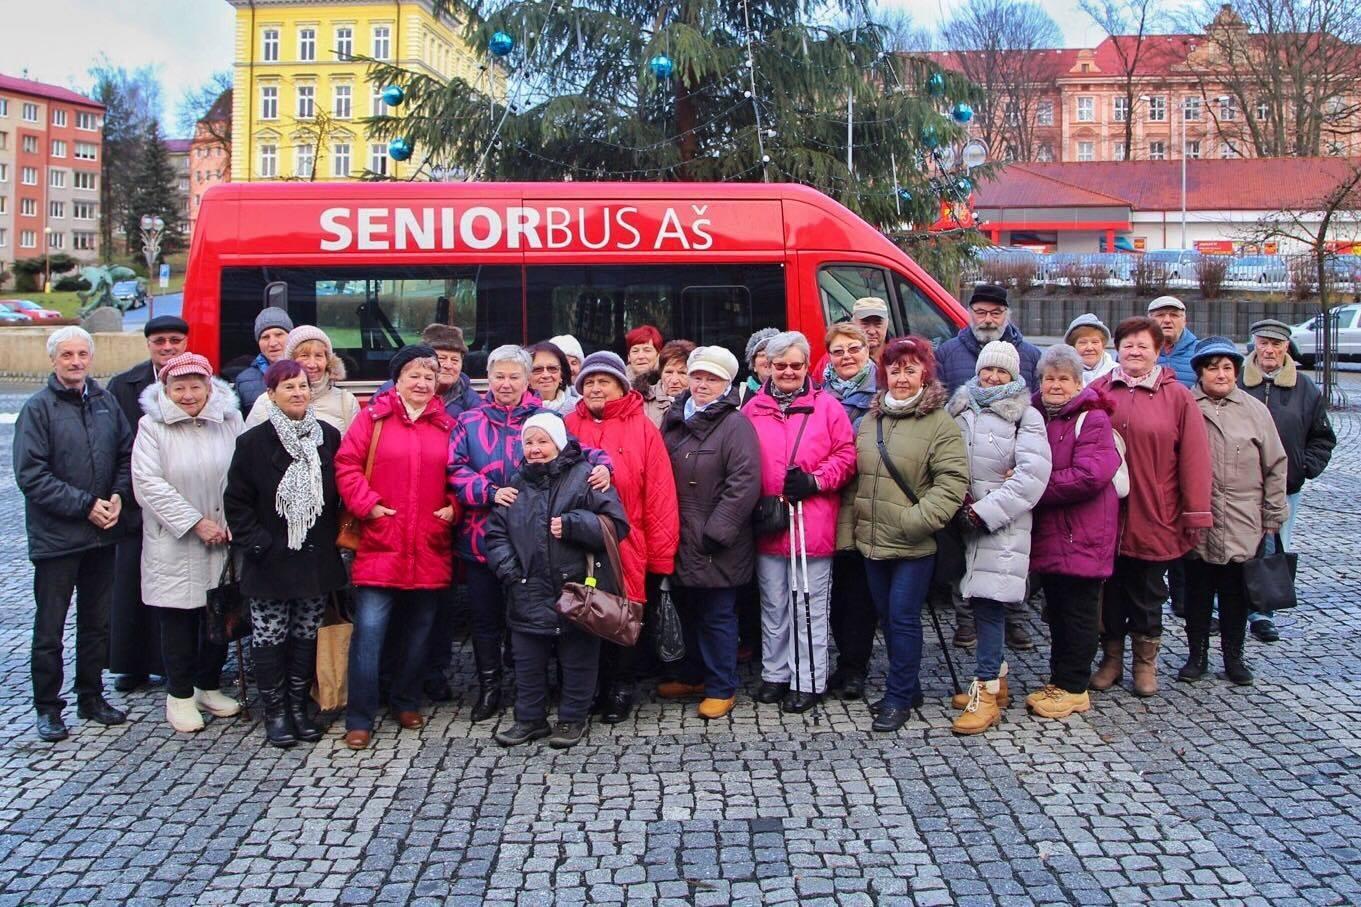 Senior bus